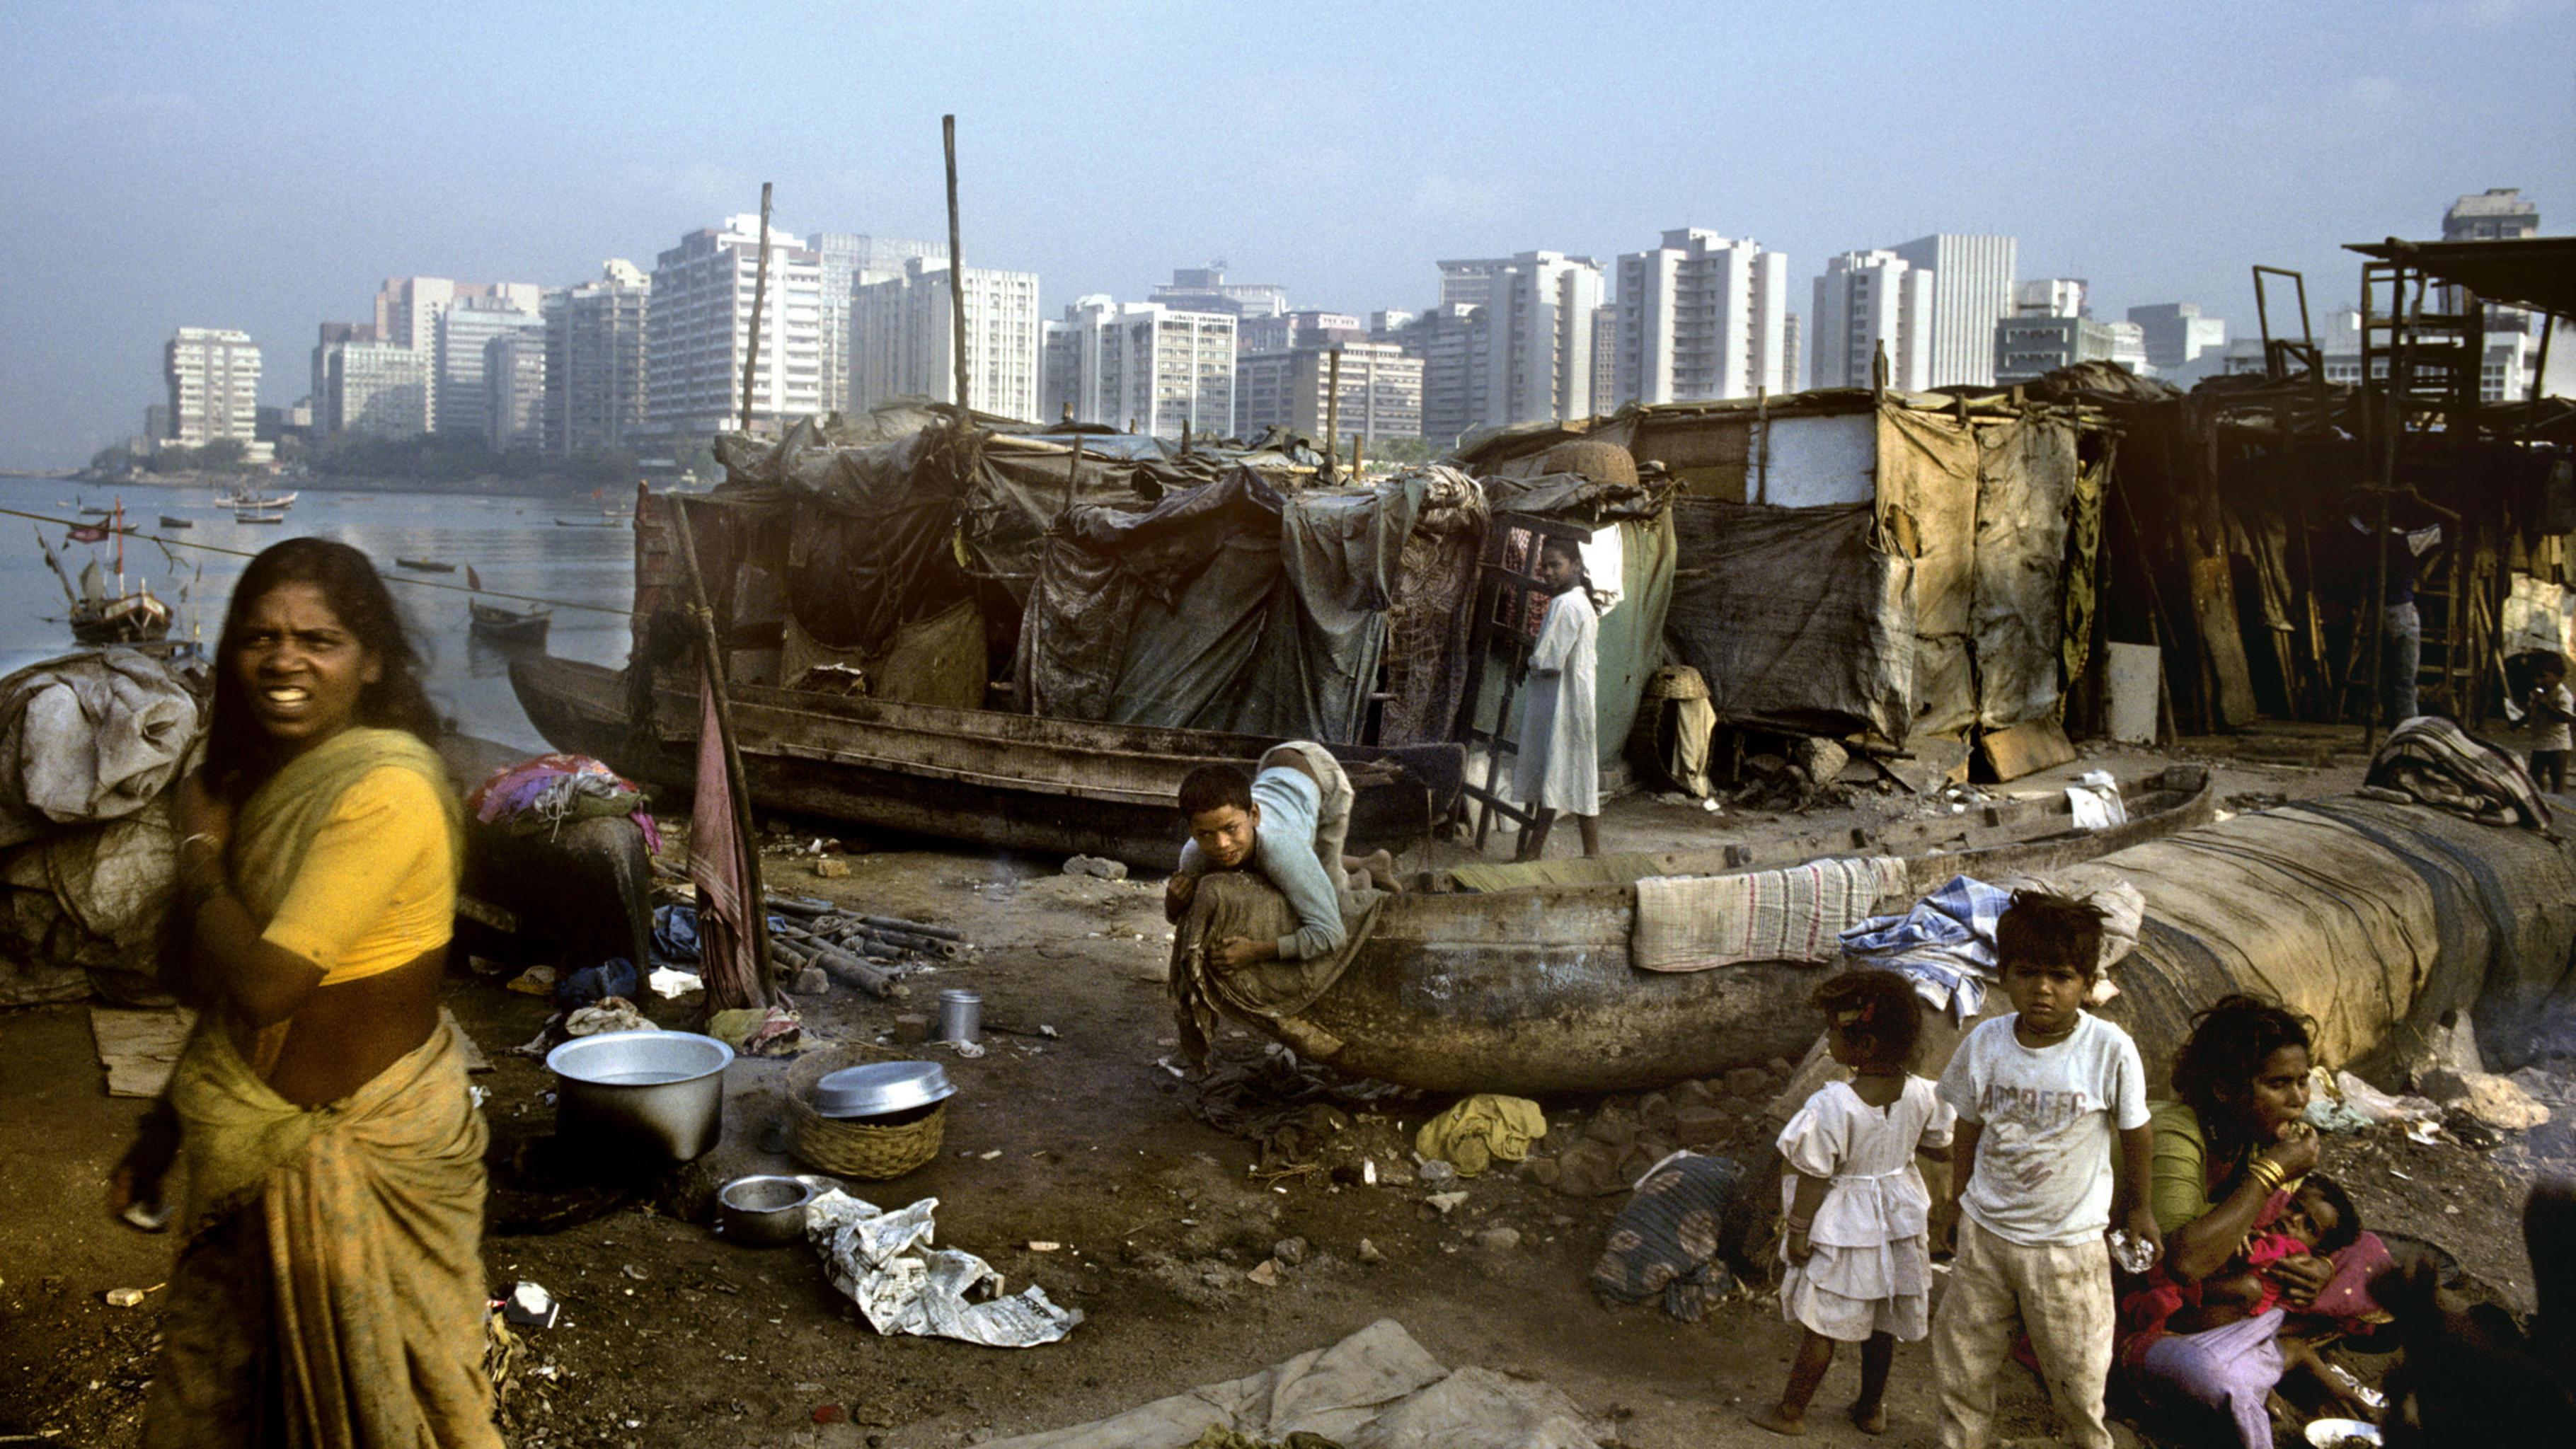 Bombay: In unmittelbarer Nachbarschaft der Hochhäusern des Geschäftsviertels Nariman Point leben Fischerfamilien in Baracken